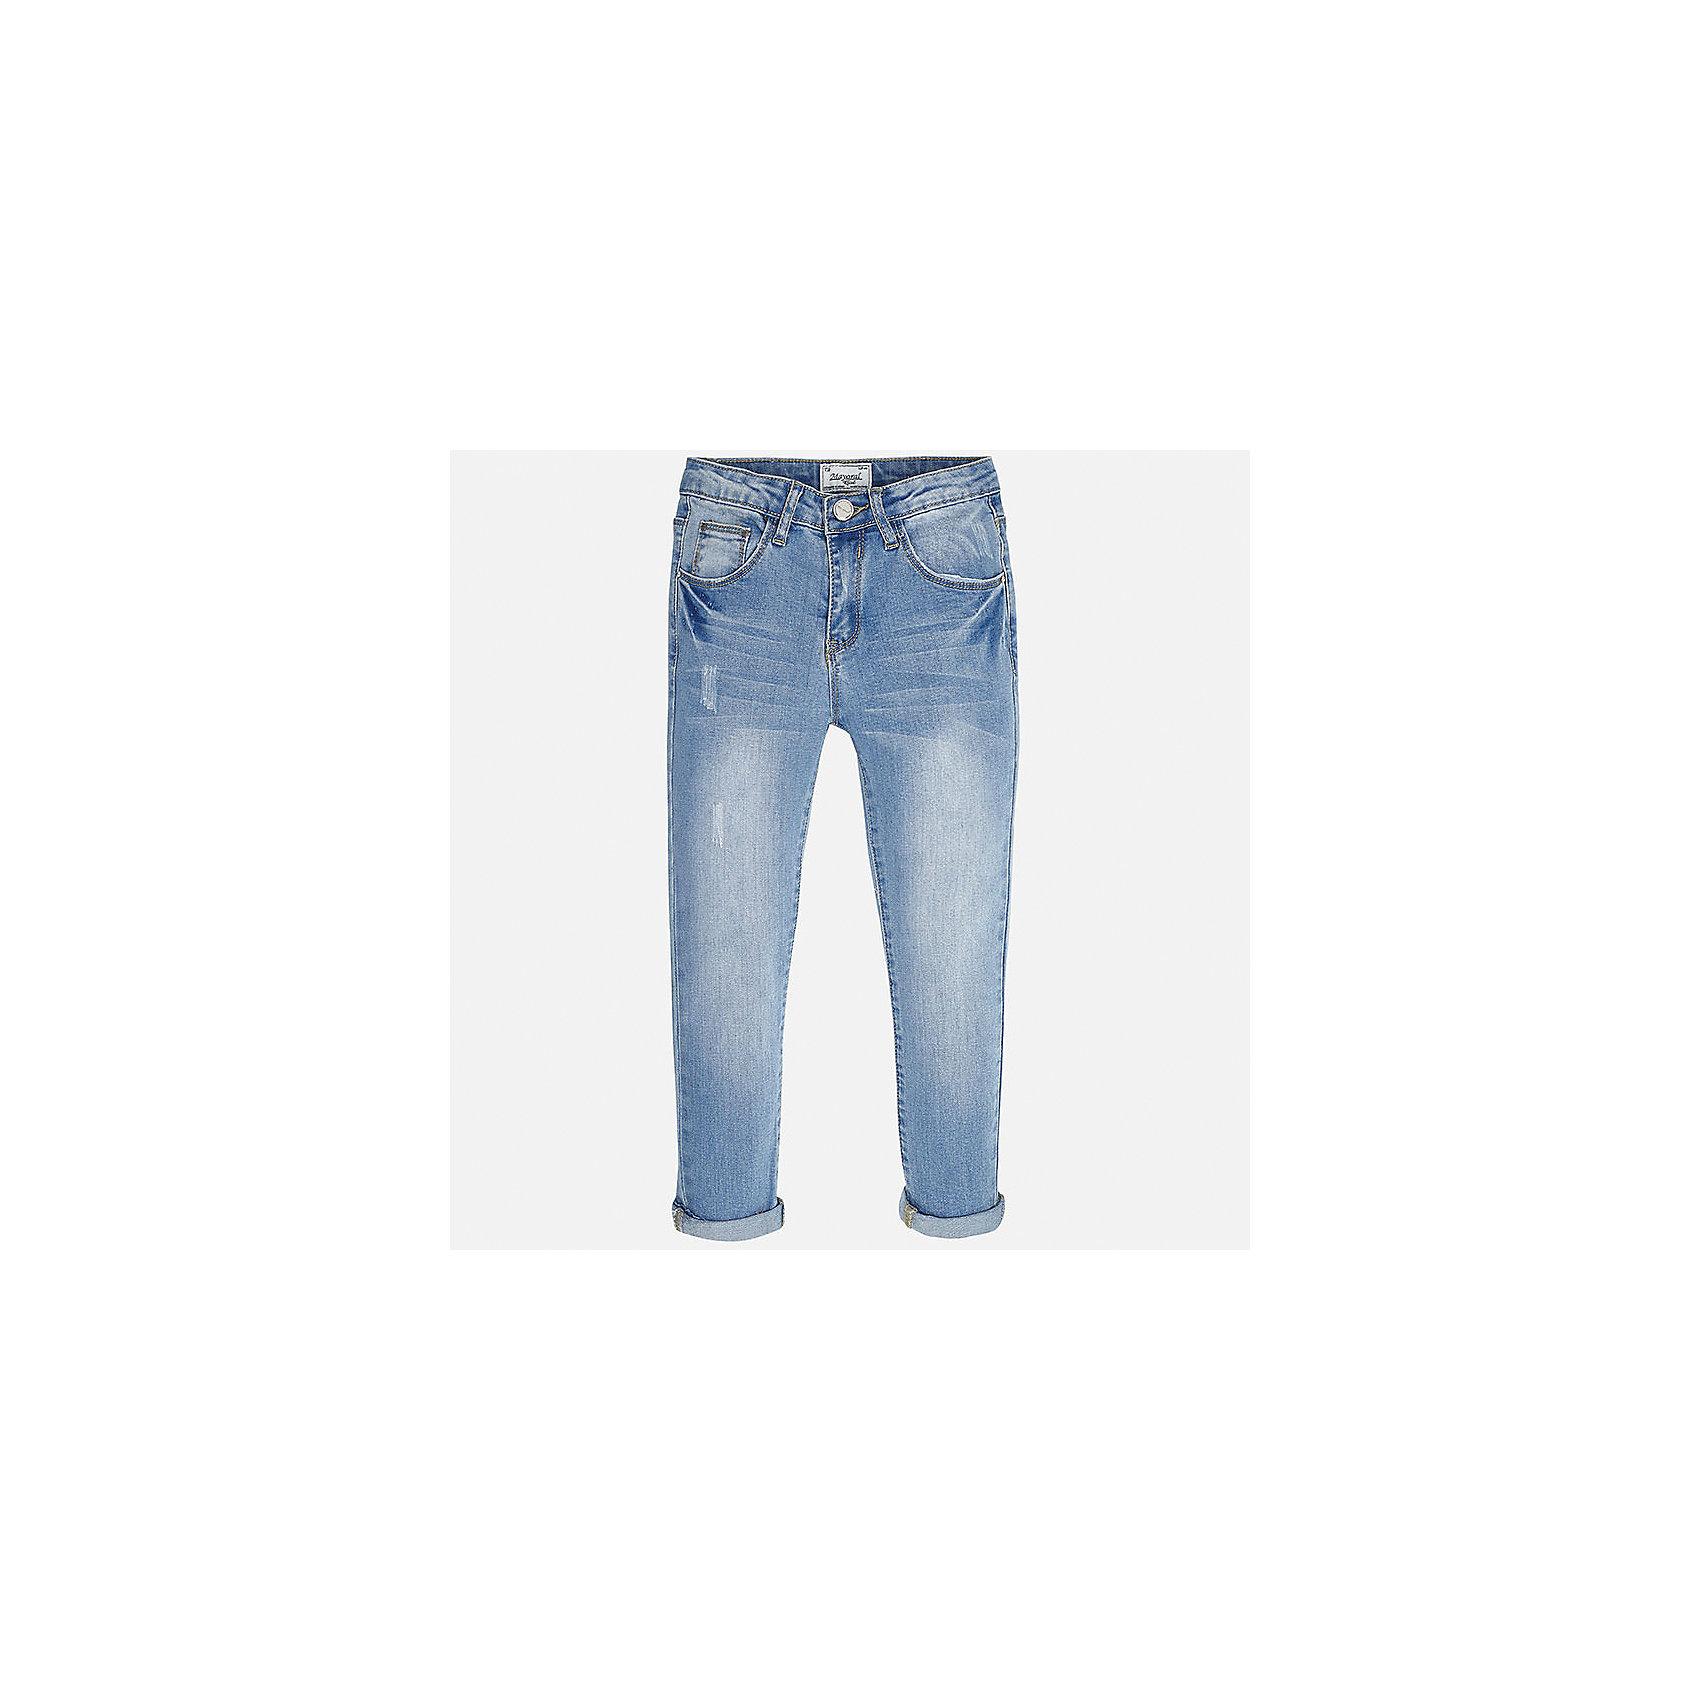 Джинсы для девочки MayoralДжинсовая одежда<br>Характеристики товара:<br><br>• цвет: голубой<br>• состав: 69% хлопок, 29% полиэстер, 2% эластан<br>• эффект потертости<br>• карманы<br>• пояс с регулировкой объема<br>• шлевки<br>• страна бренда: Испания<br><br>Стильные джинсы для девочки смогут разнообразить гардероб ребенка и украсить наряд. Они отлично сочетаются с майками, футболками, блузками. Красивый оттенок позволяет подобрать к вещи верх разных расцветок. Интересный крой модели делает её нарядной и оригинальной. В составе материала - натуральный хлопок, гипоаллергенный, приятный на ощупь, дышащий.<br><br>Одежда, обувь и аксессуары от испанского бренда Mayoral полюбились детям и взрослым по всему миру. Модели этой марки - стильные и удобные. Для их производства используются только безопасные, качественные материалы и фурнитура. Порадуйте ребенка модными и красивыми вещами от Mayoral! <br><br>Джинсы для девочки от испанского бренда Mayoral (Майорал) можно купить в нашем интернет-магазине.<br><br>Ширина мм: 191<br>Глубина мм: 10<br>Высота мм: 175<br>Вес г: 273<br>Цвет: синий<br>Возраст от месяцев: 168<br>Возраст до месяцев: 180<br>Пол: Женский<br>Возраст: Детский<br>Размер: 170,128/134,140,152,158,164<br>SKU: 5292952